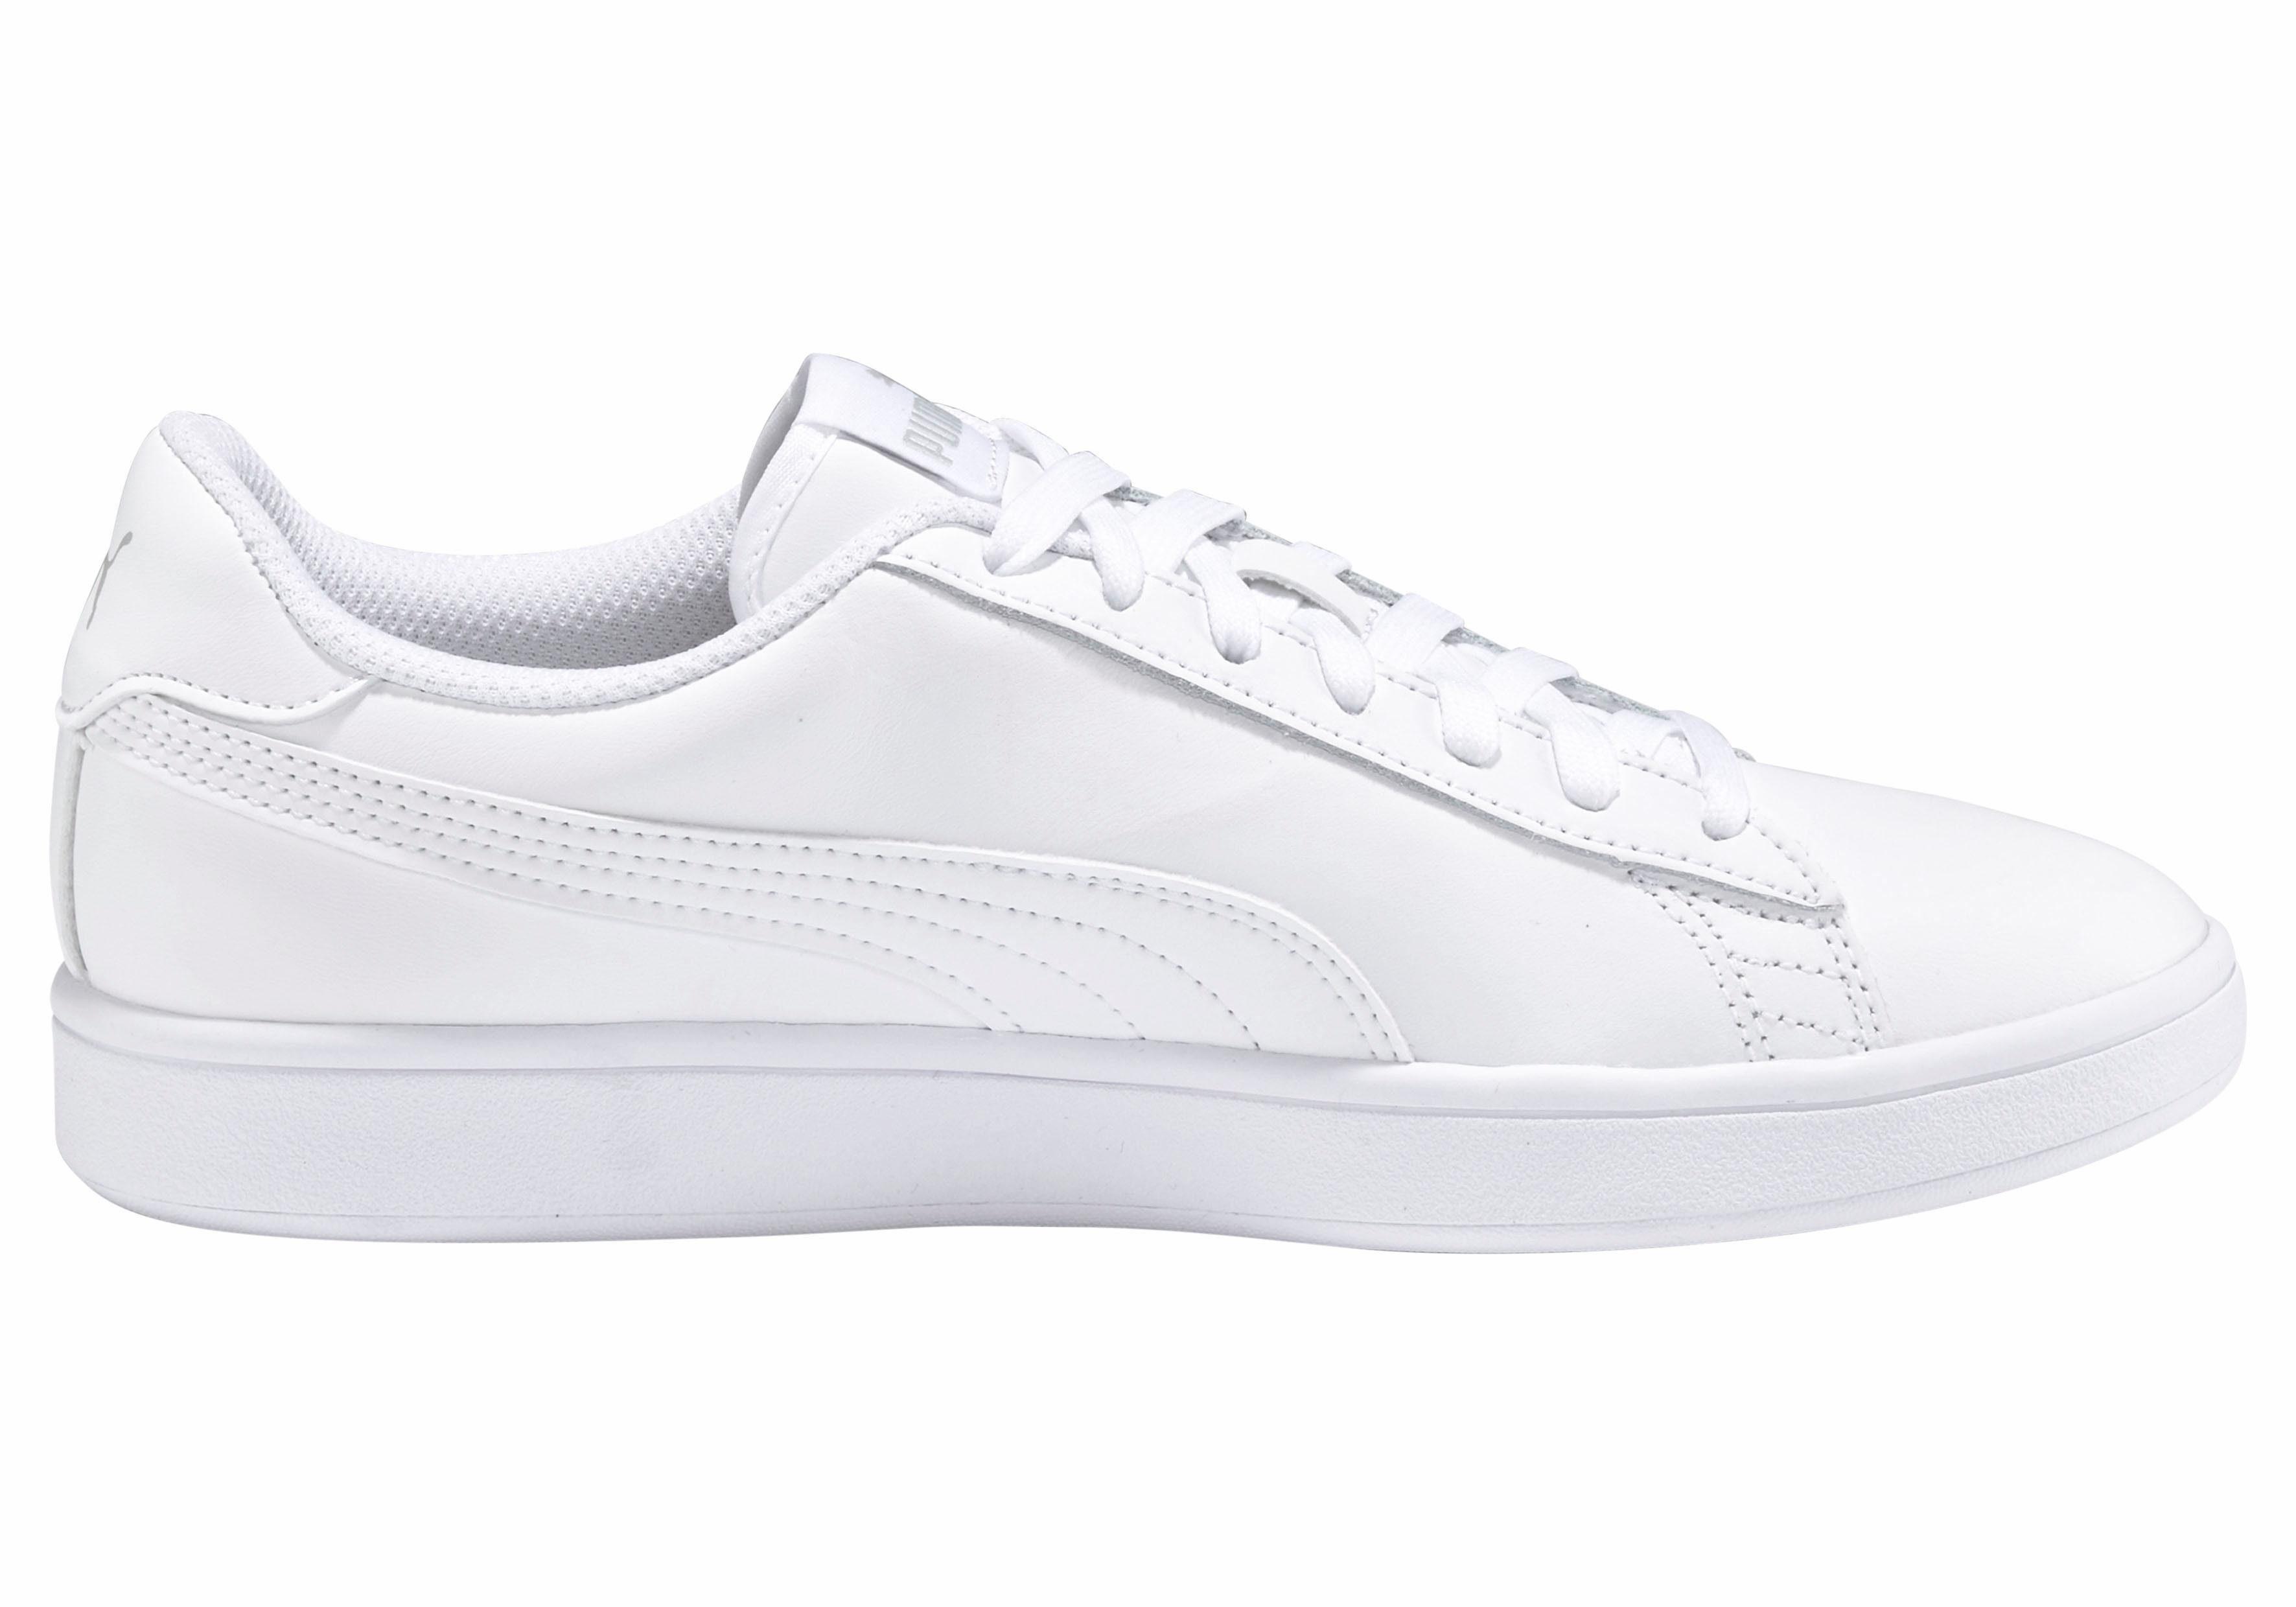 PUMA Smash V2 kaufen L Sneaker online kaufen V2  weiß 8dc541